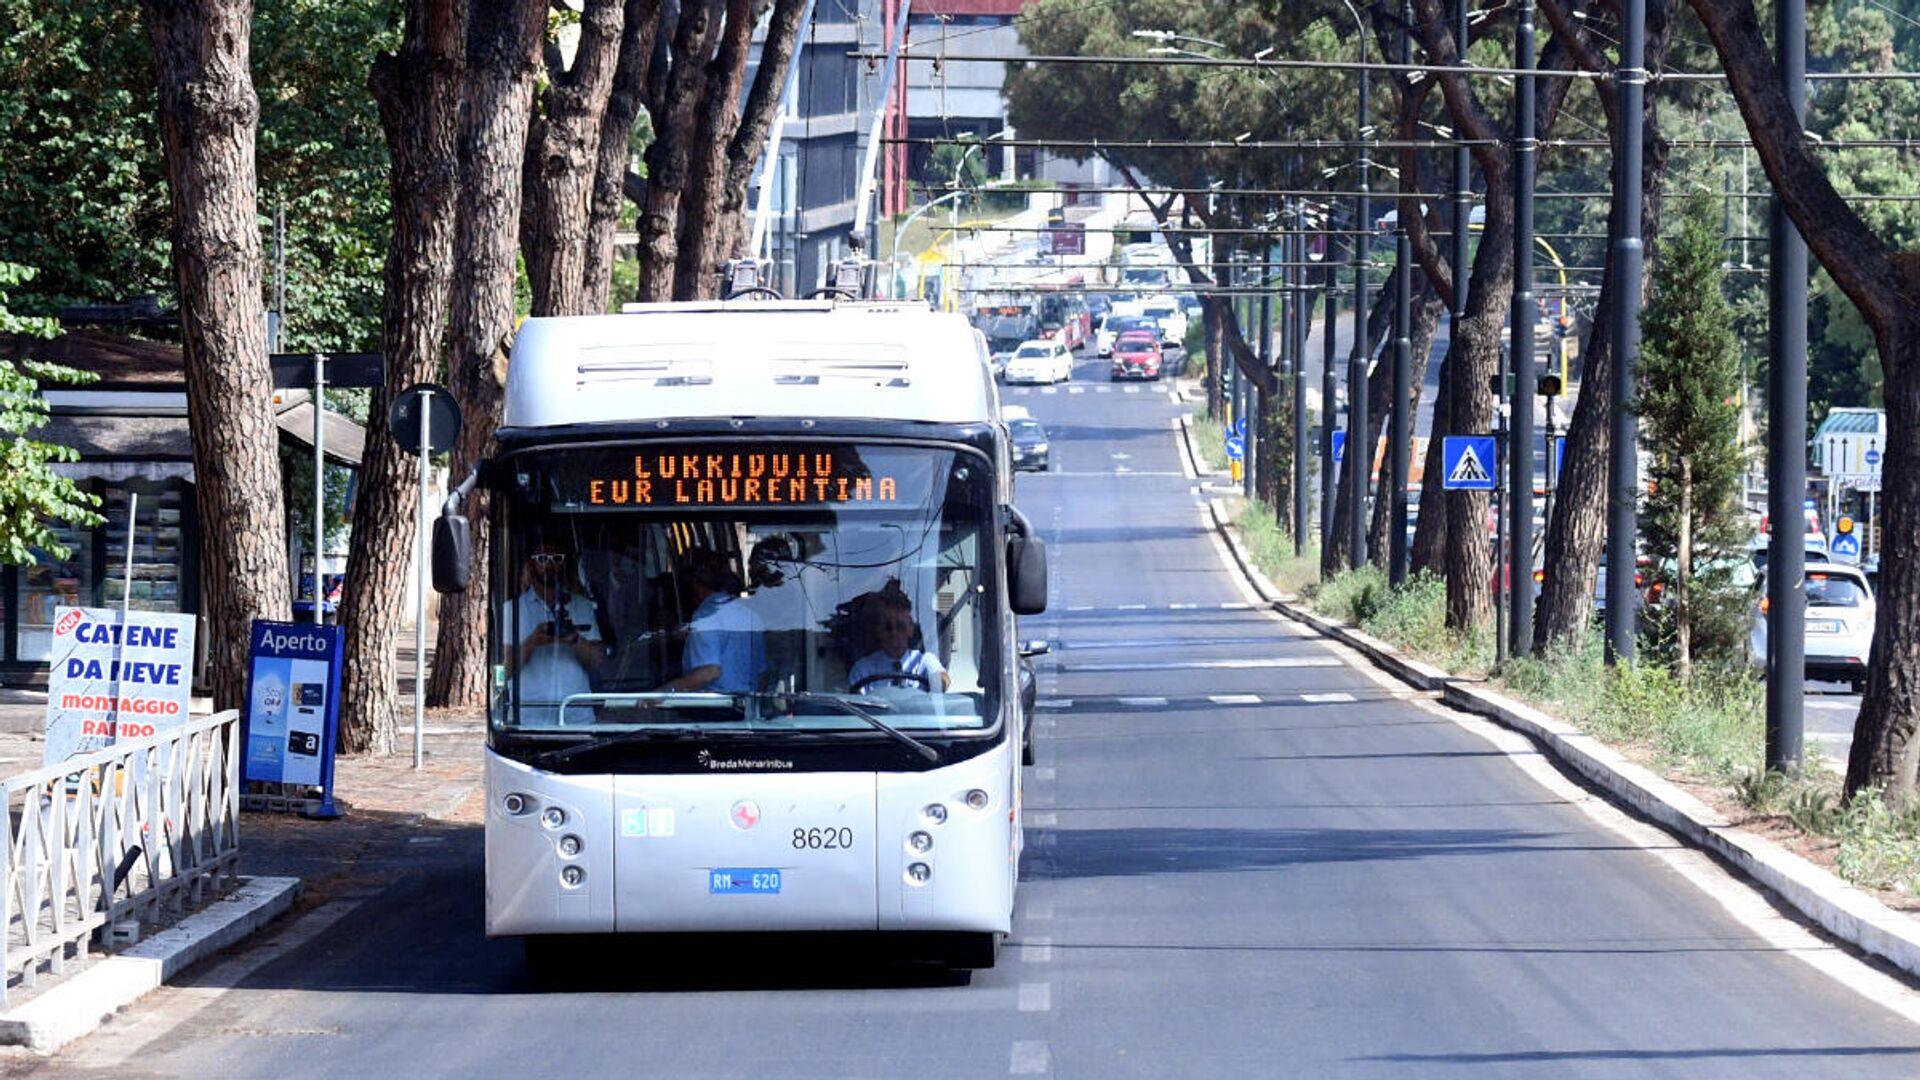 La sindaca Virginia Raggi inaugura il Corridoio Laurentino, ovvero il tratto di corsia preferenziale per autobus su via Laurentina - Sputnik Italia, 1920, 20.07.2021